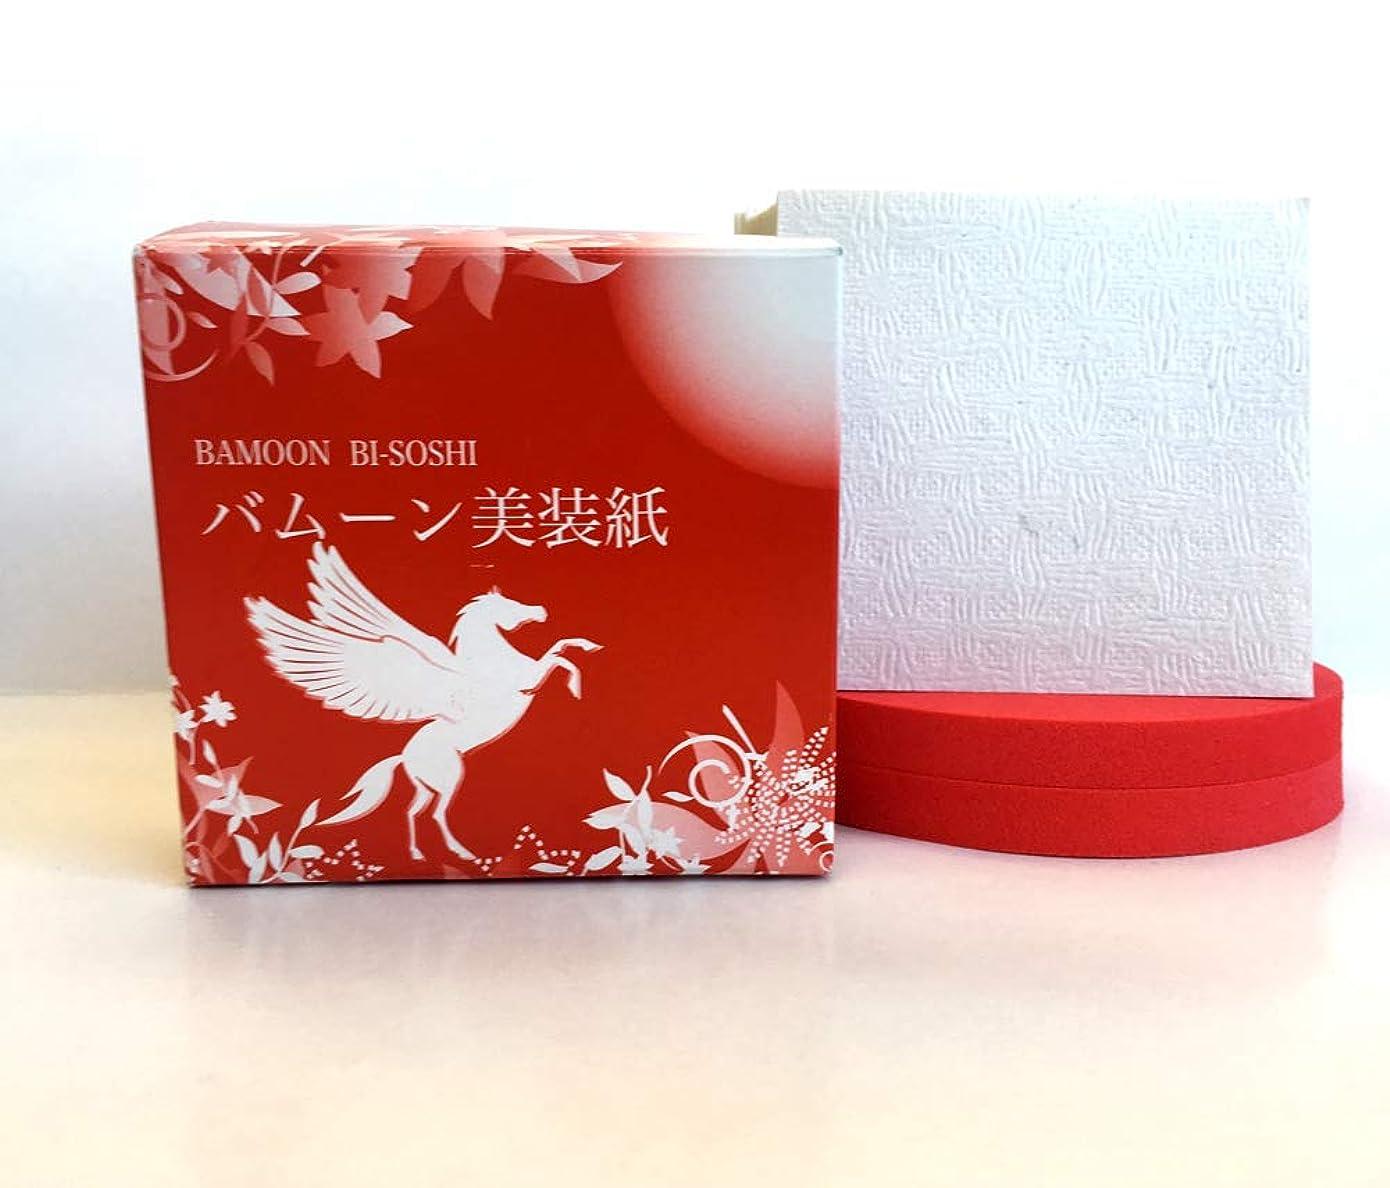 織るアレンジ出版スターアベニュー バムーン美装紙 60枚入 和紙洗顔 ゼオライト トルマリン配合